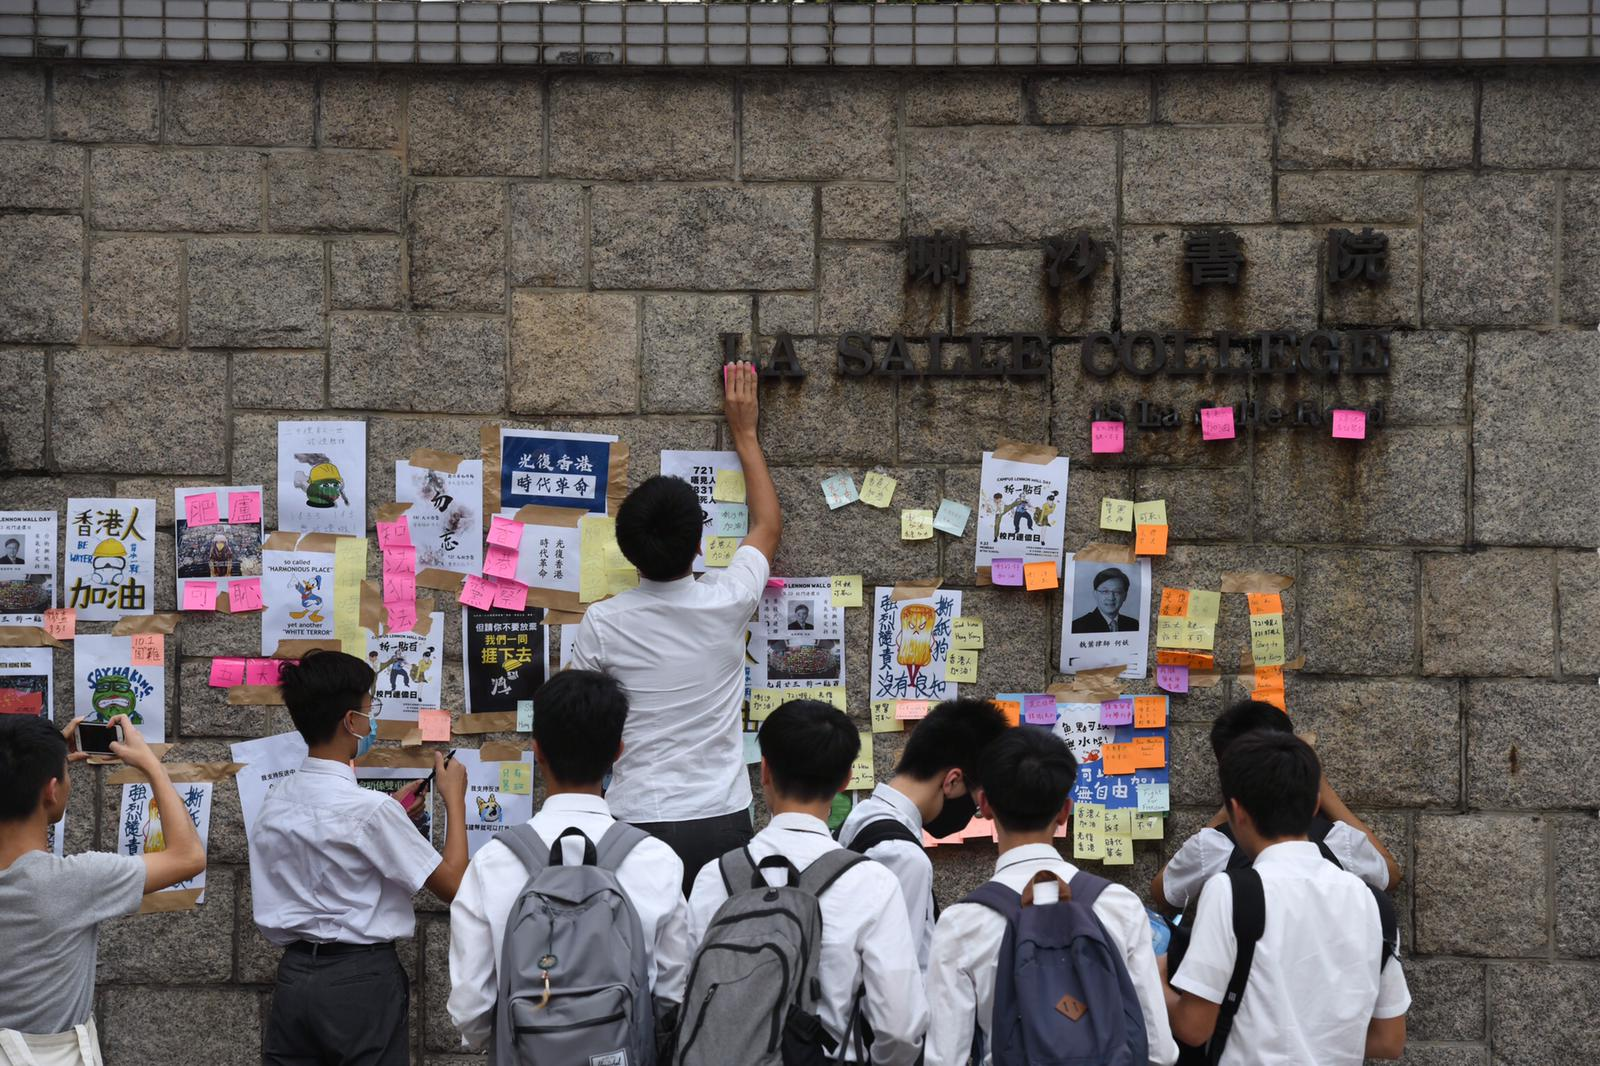 喇沙書院門外有學生張貼海報。